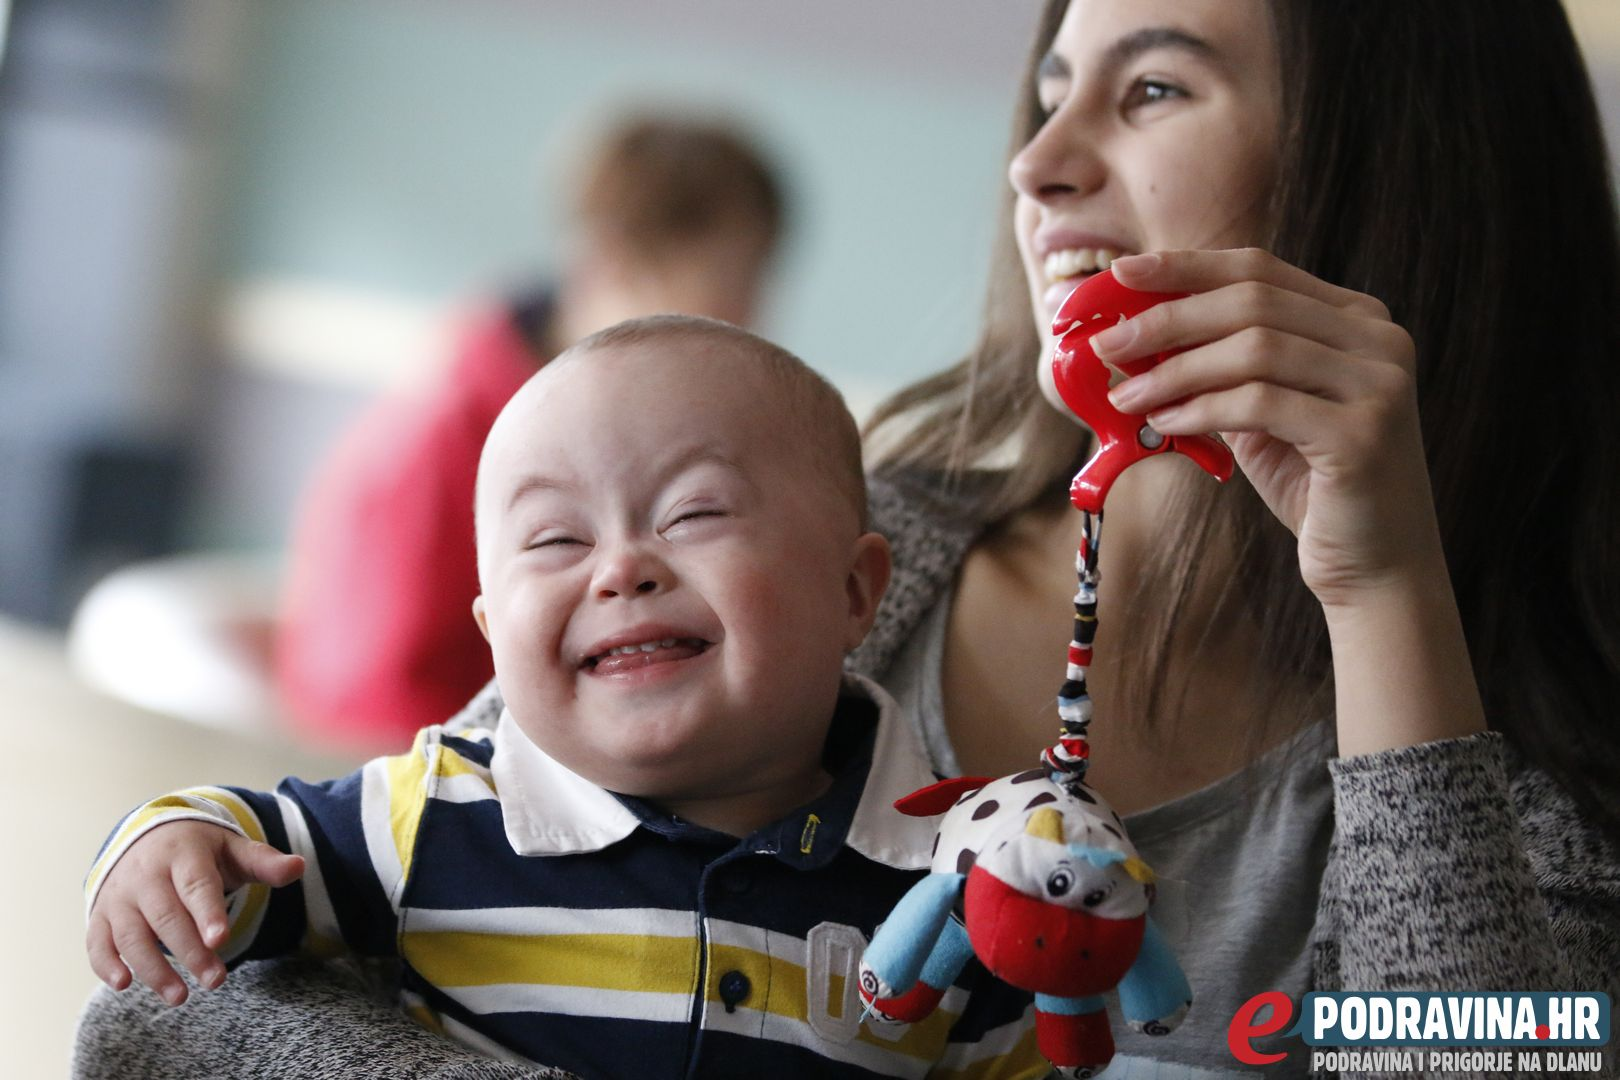 Lovro i njegova starija sestra Rajna uživaju u zajedničkim trenucima // Foto: Matija Gudlin